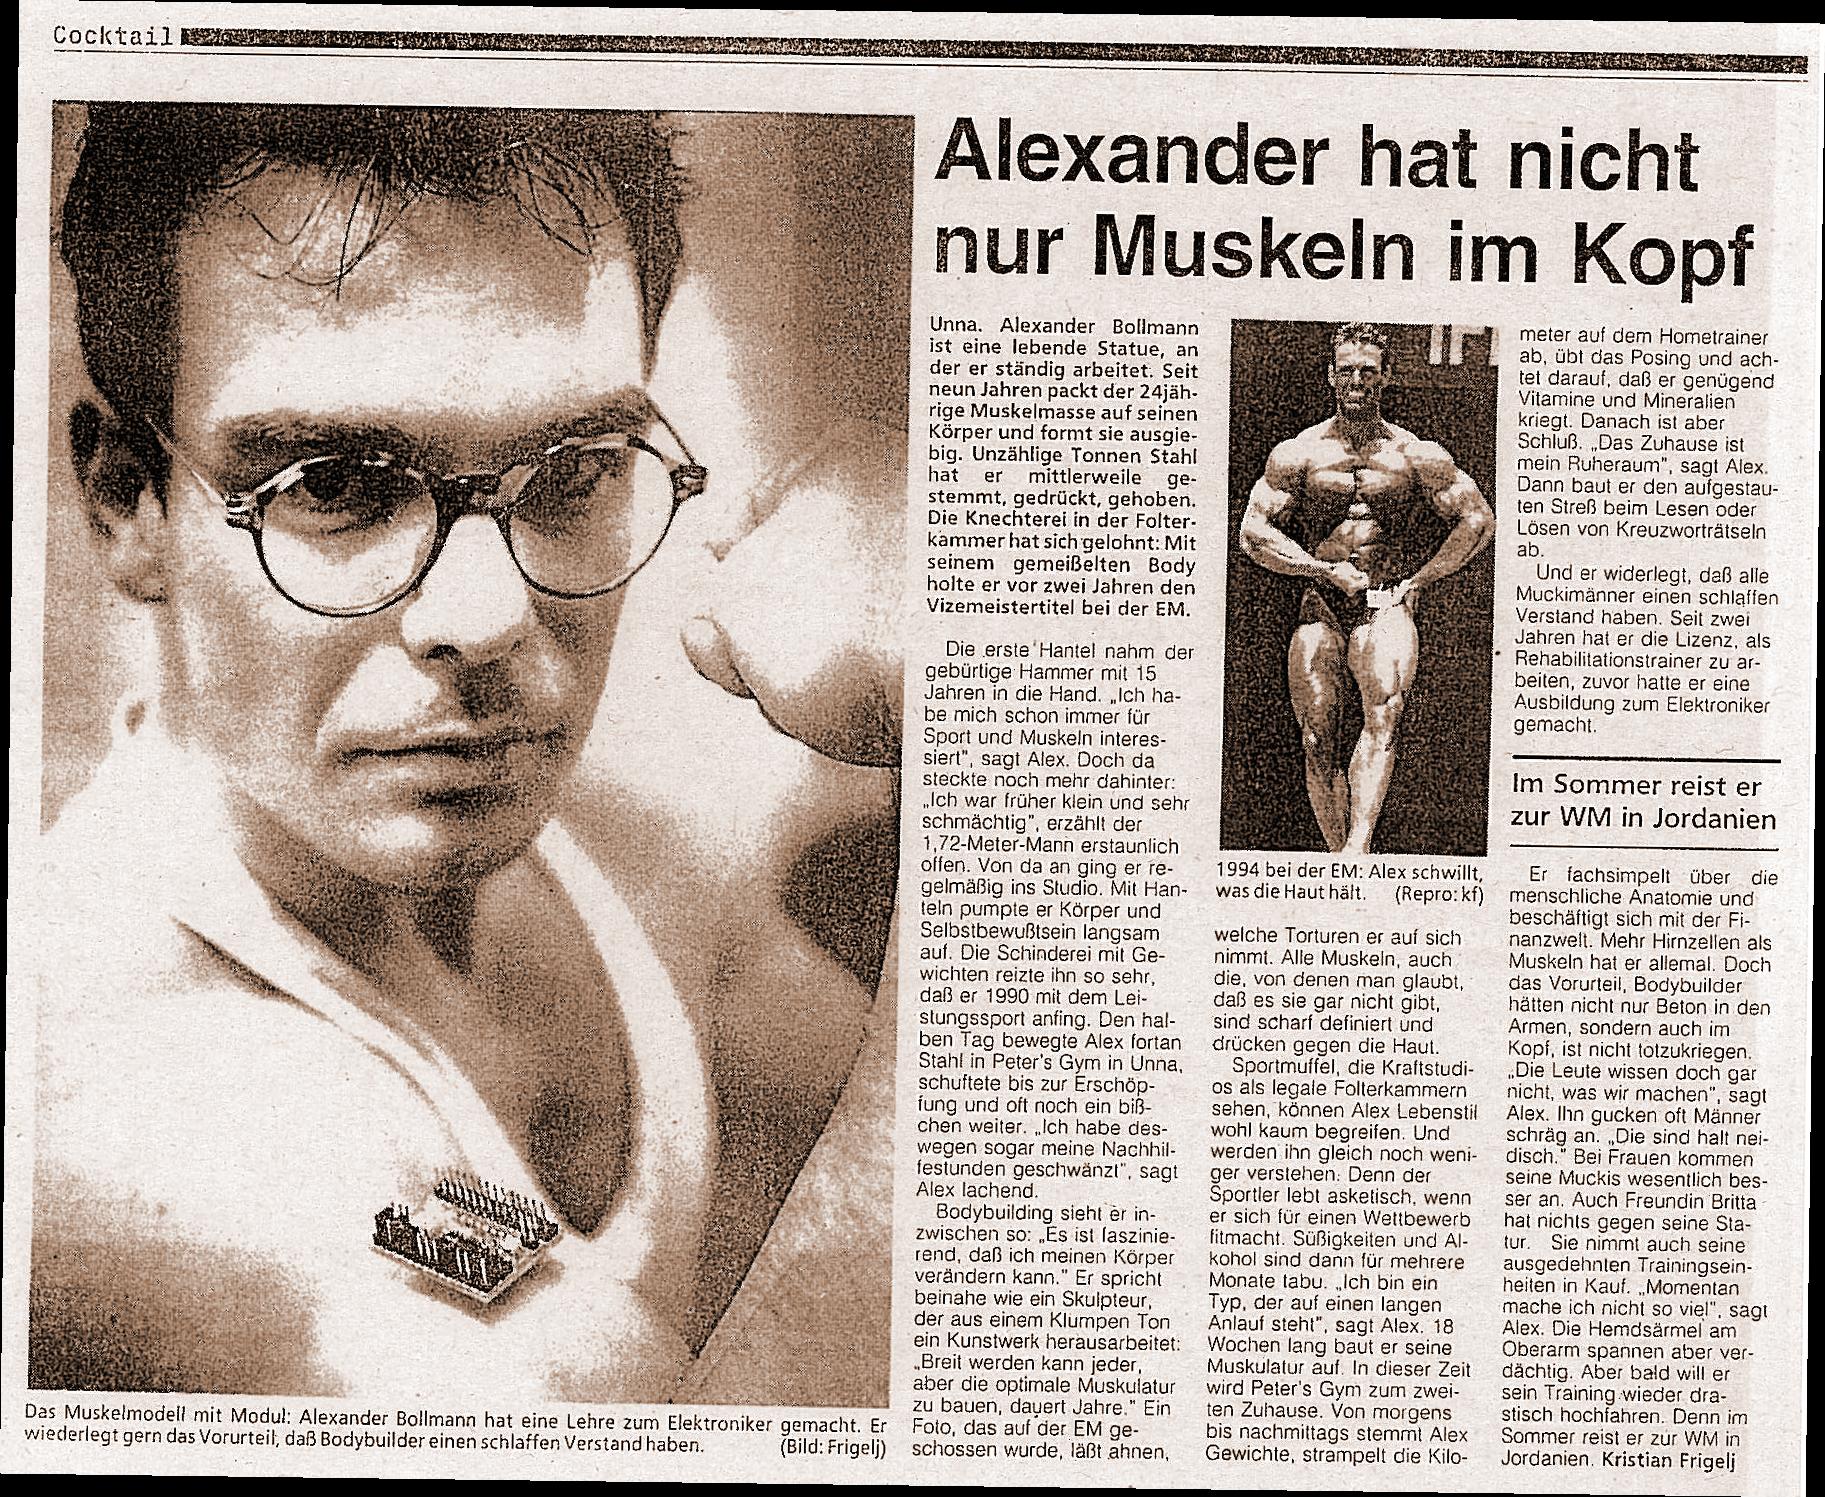 Alexander Bollmann